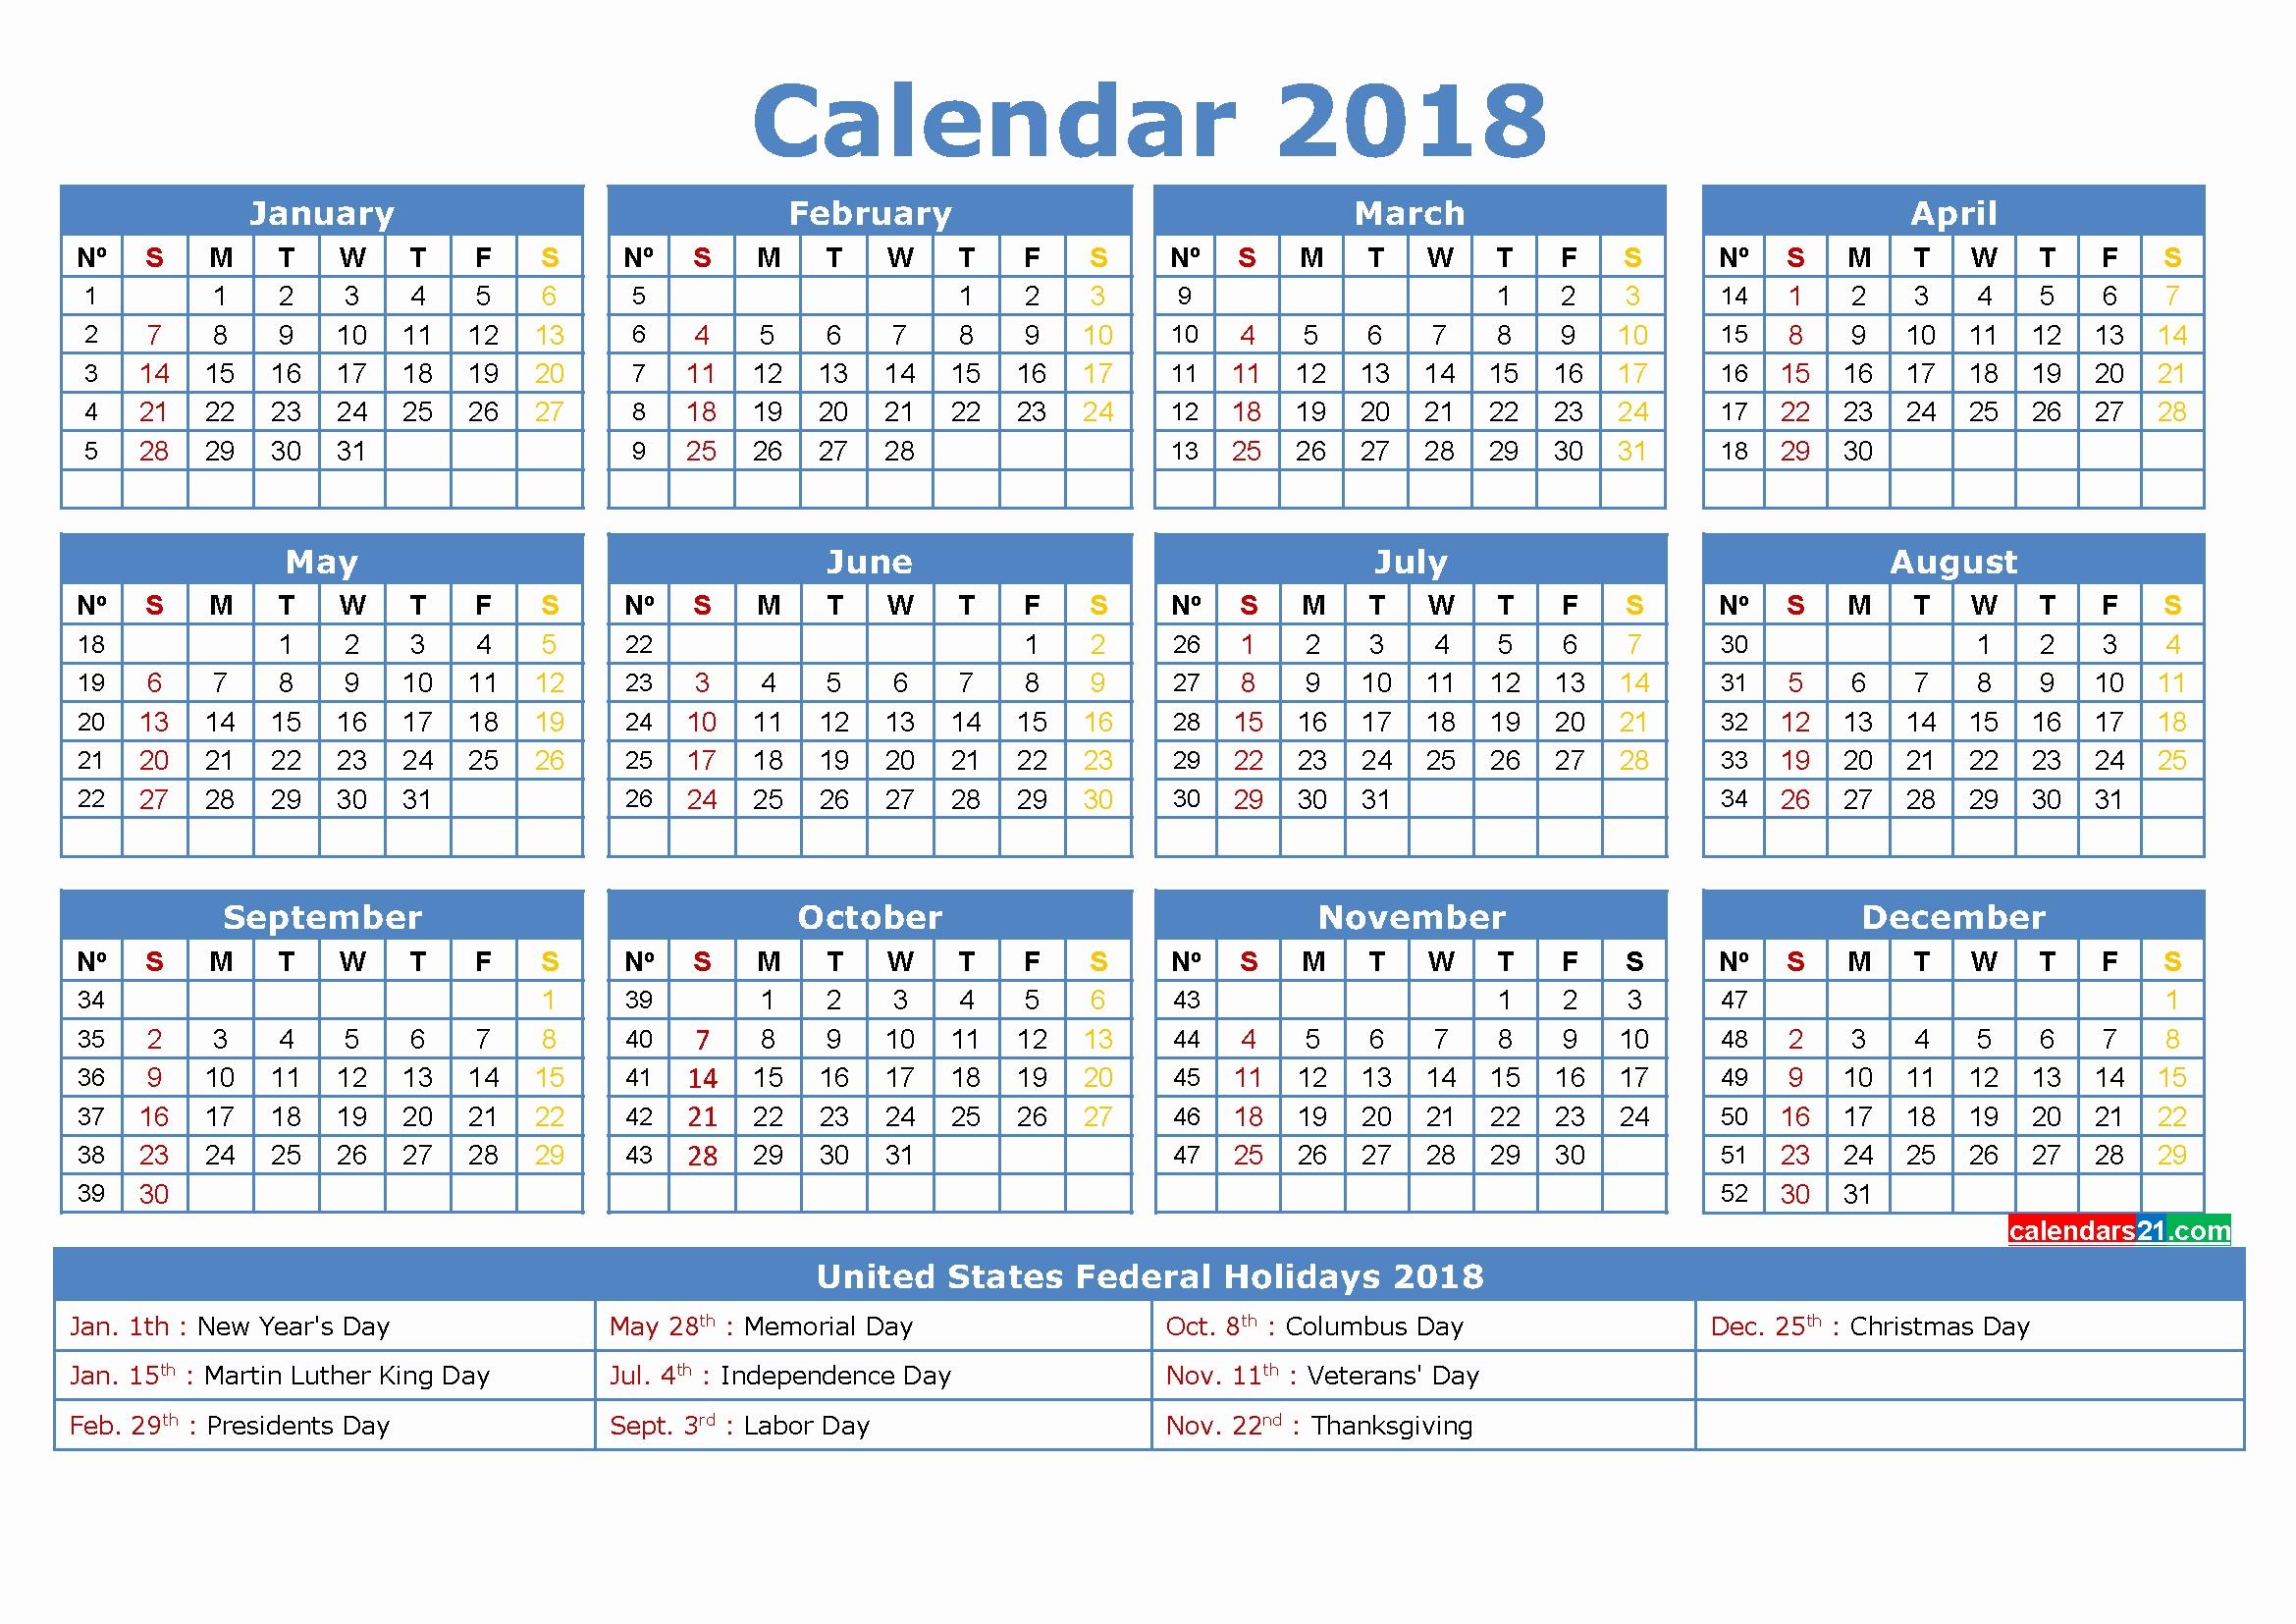 Calendar Weeks 2018 Calendar With Week Numbers Printable Pdf 2018